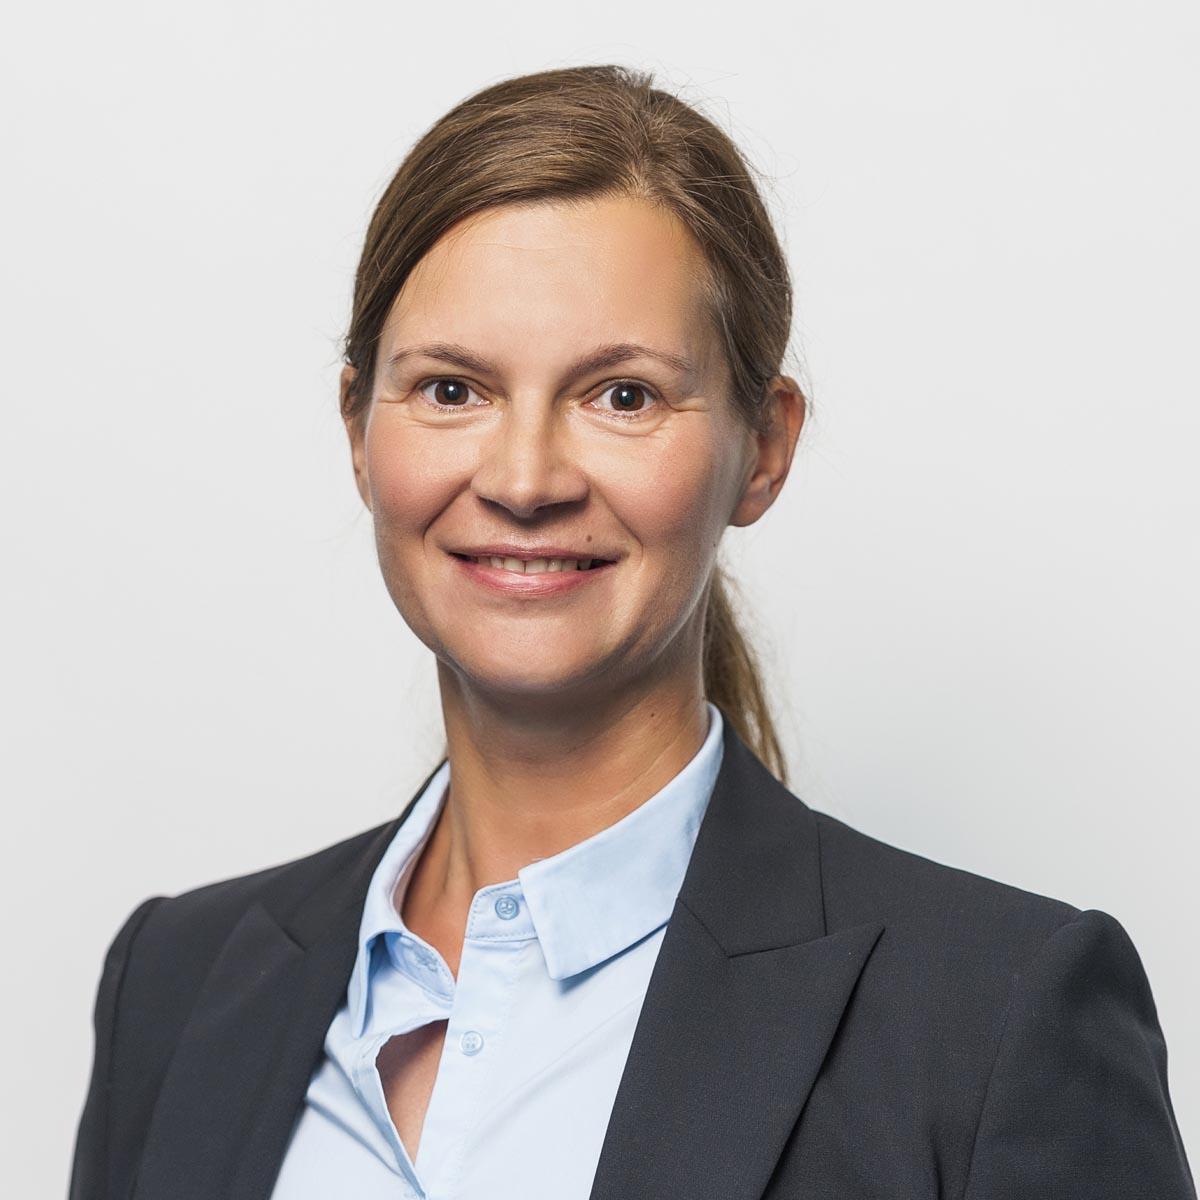 Katja Wieneke | Marketing